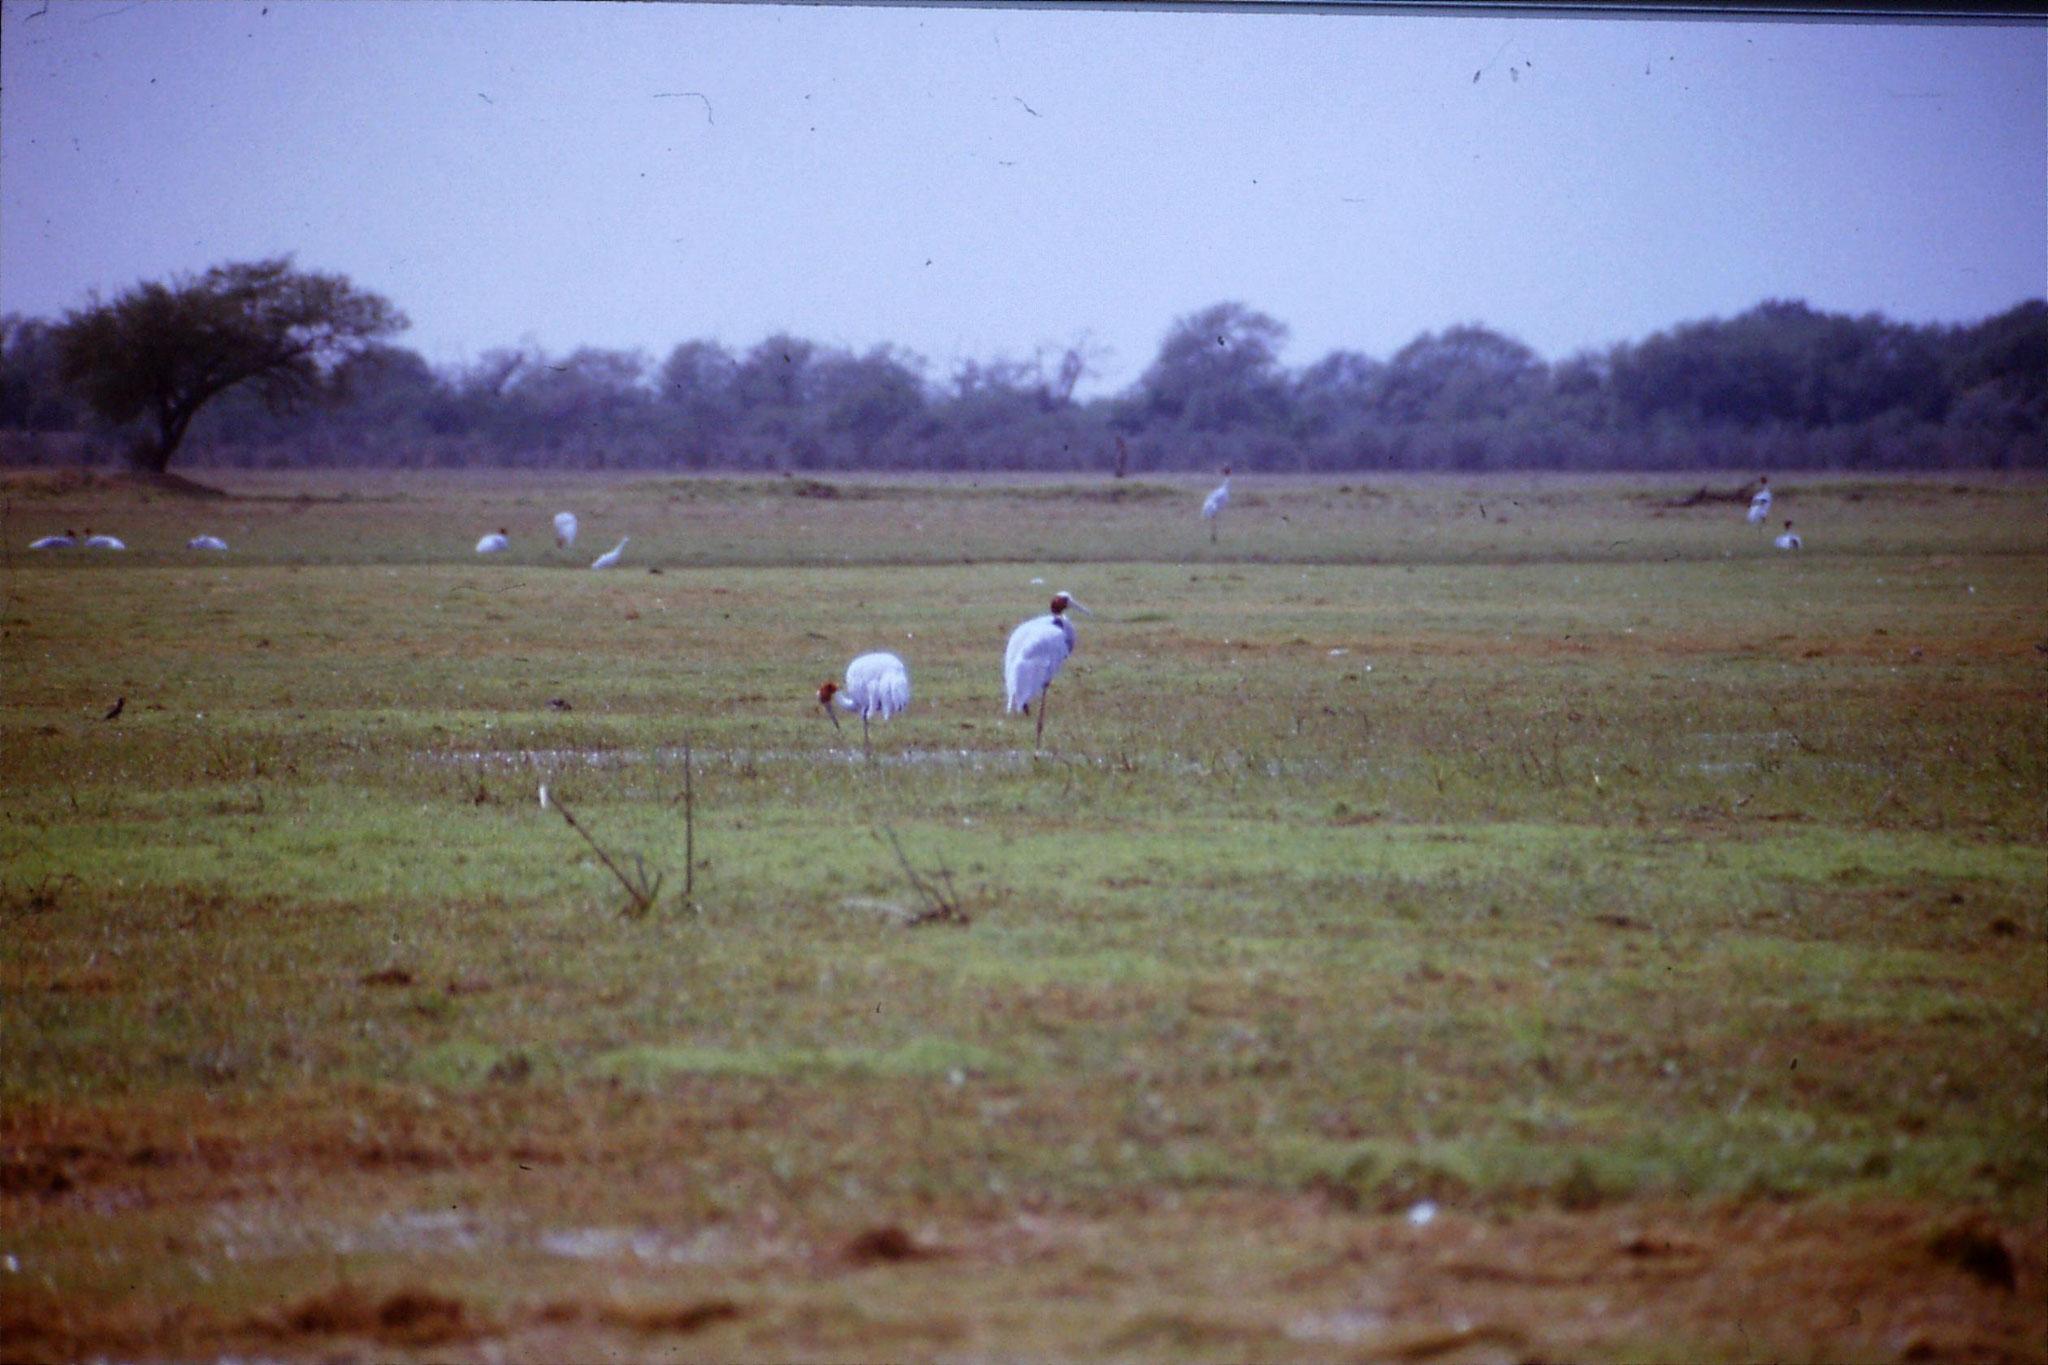 109/16: 1/4/1990 Bharatpur - two Sarus cranes